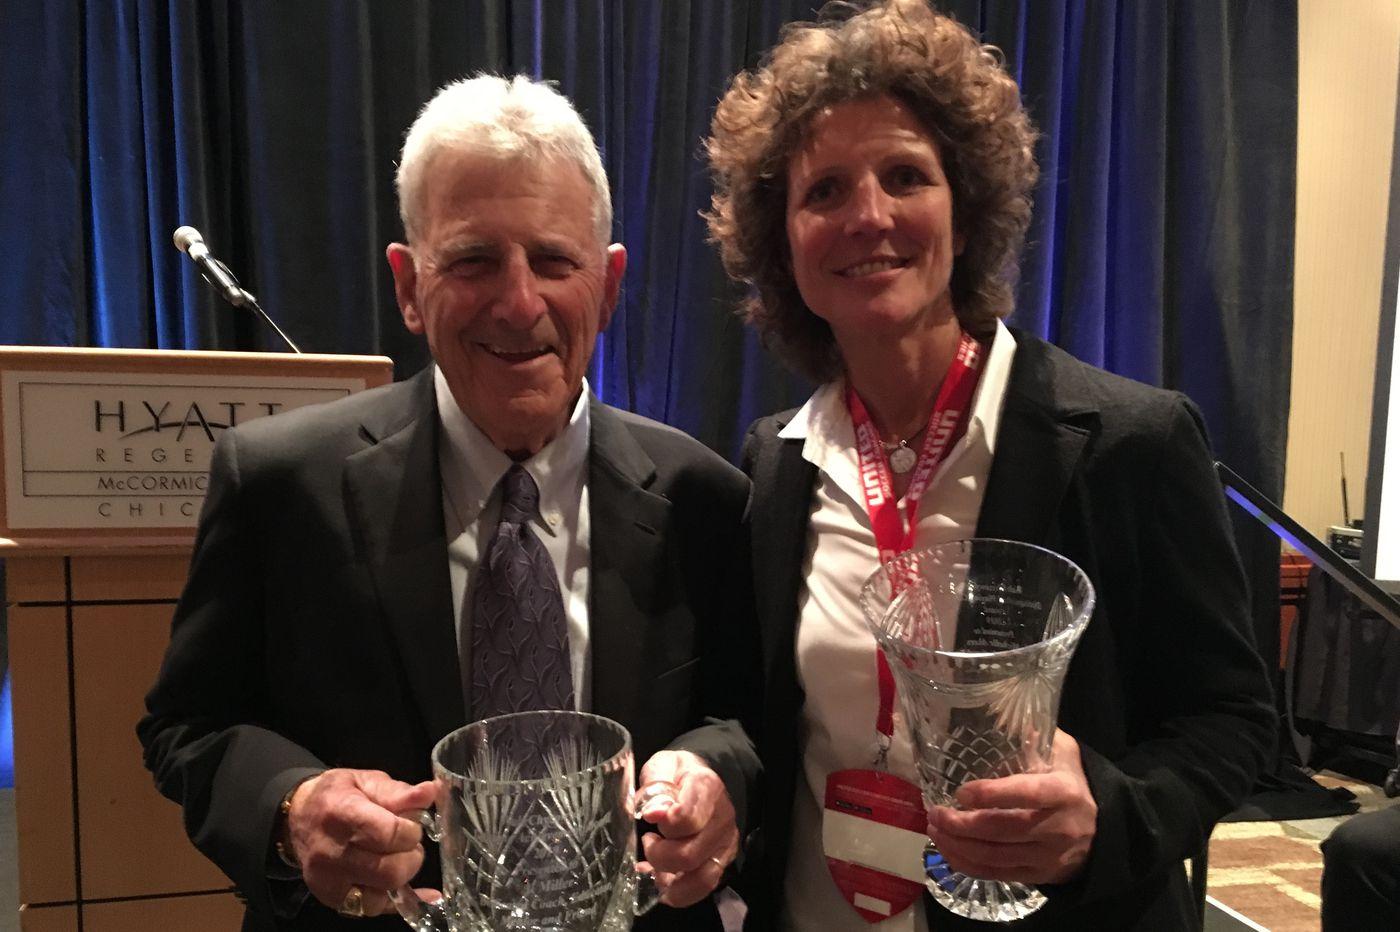 Al Miller, coach of 1973 Philadelphia Atoms team that won city's last major pro soccer title, gets lifetime achievement award